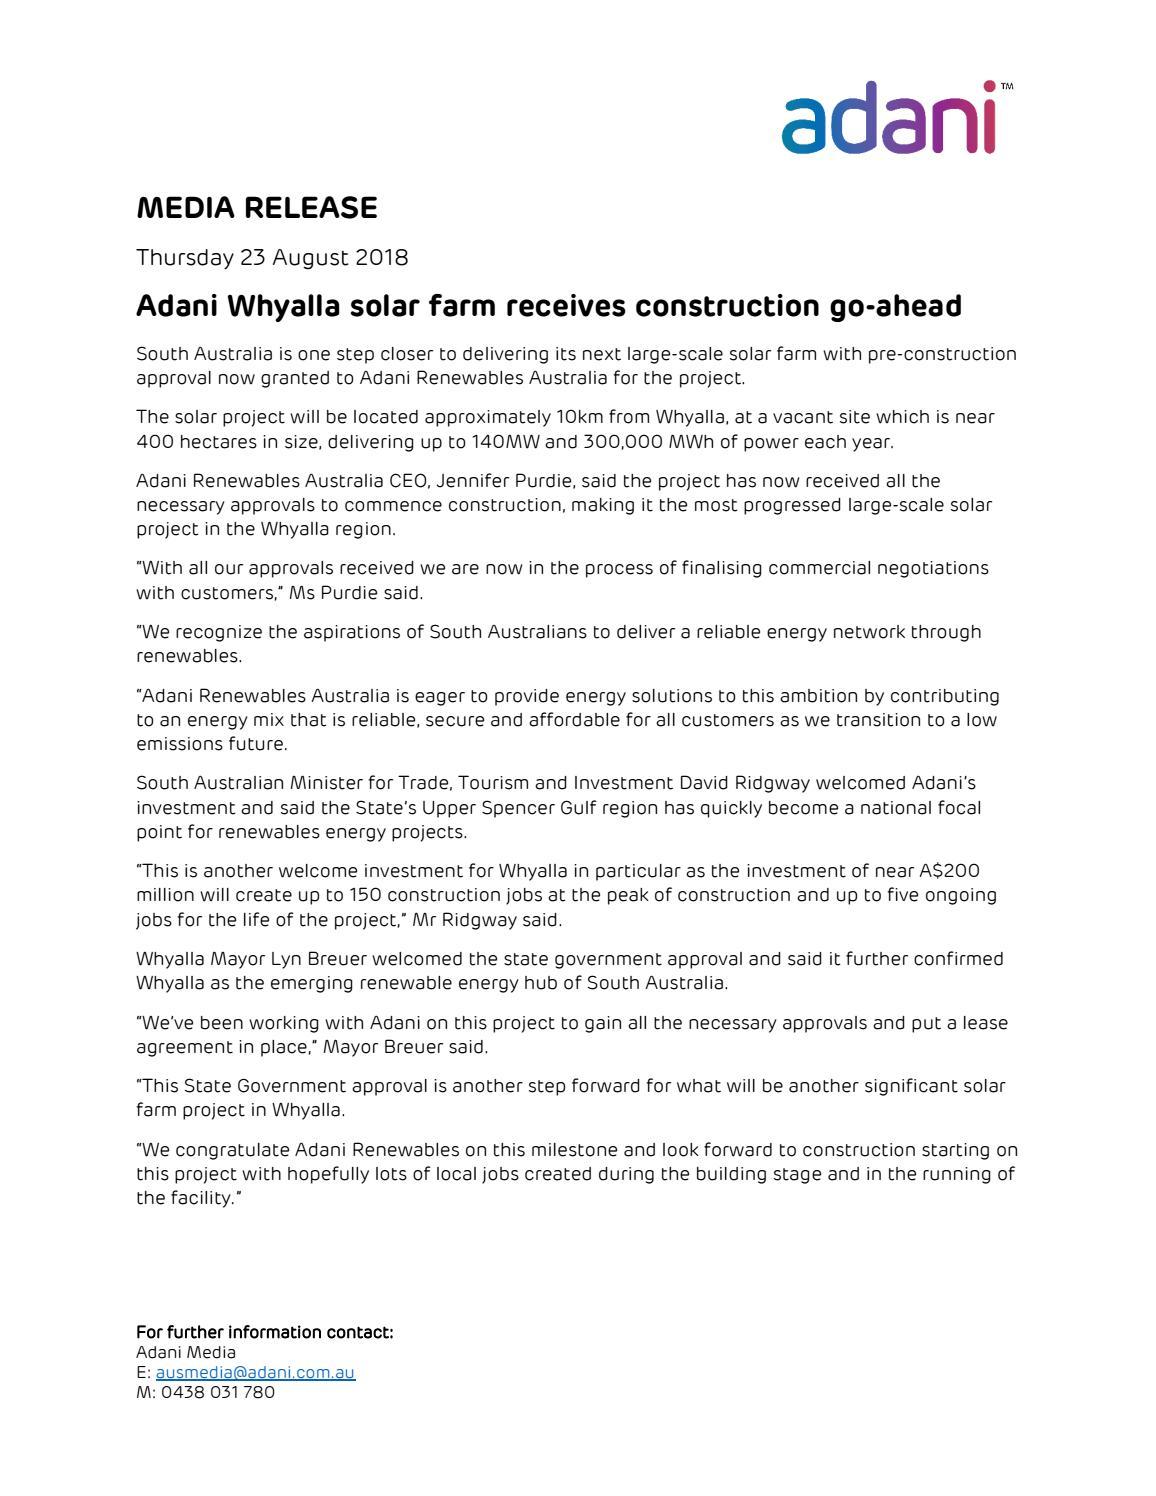 23 August 2018 Adani Whyalla Solar Farm Receives Construction Go